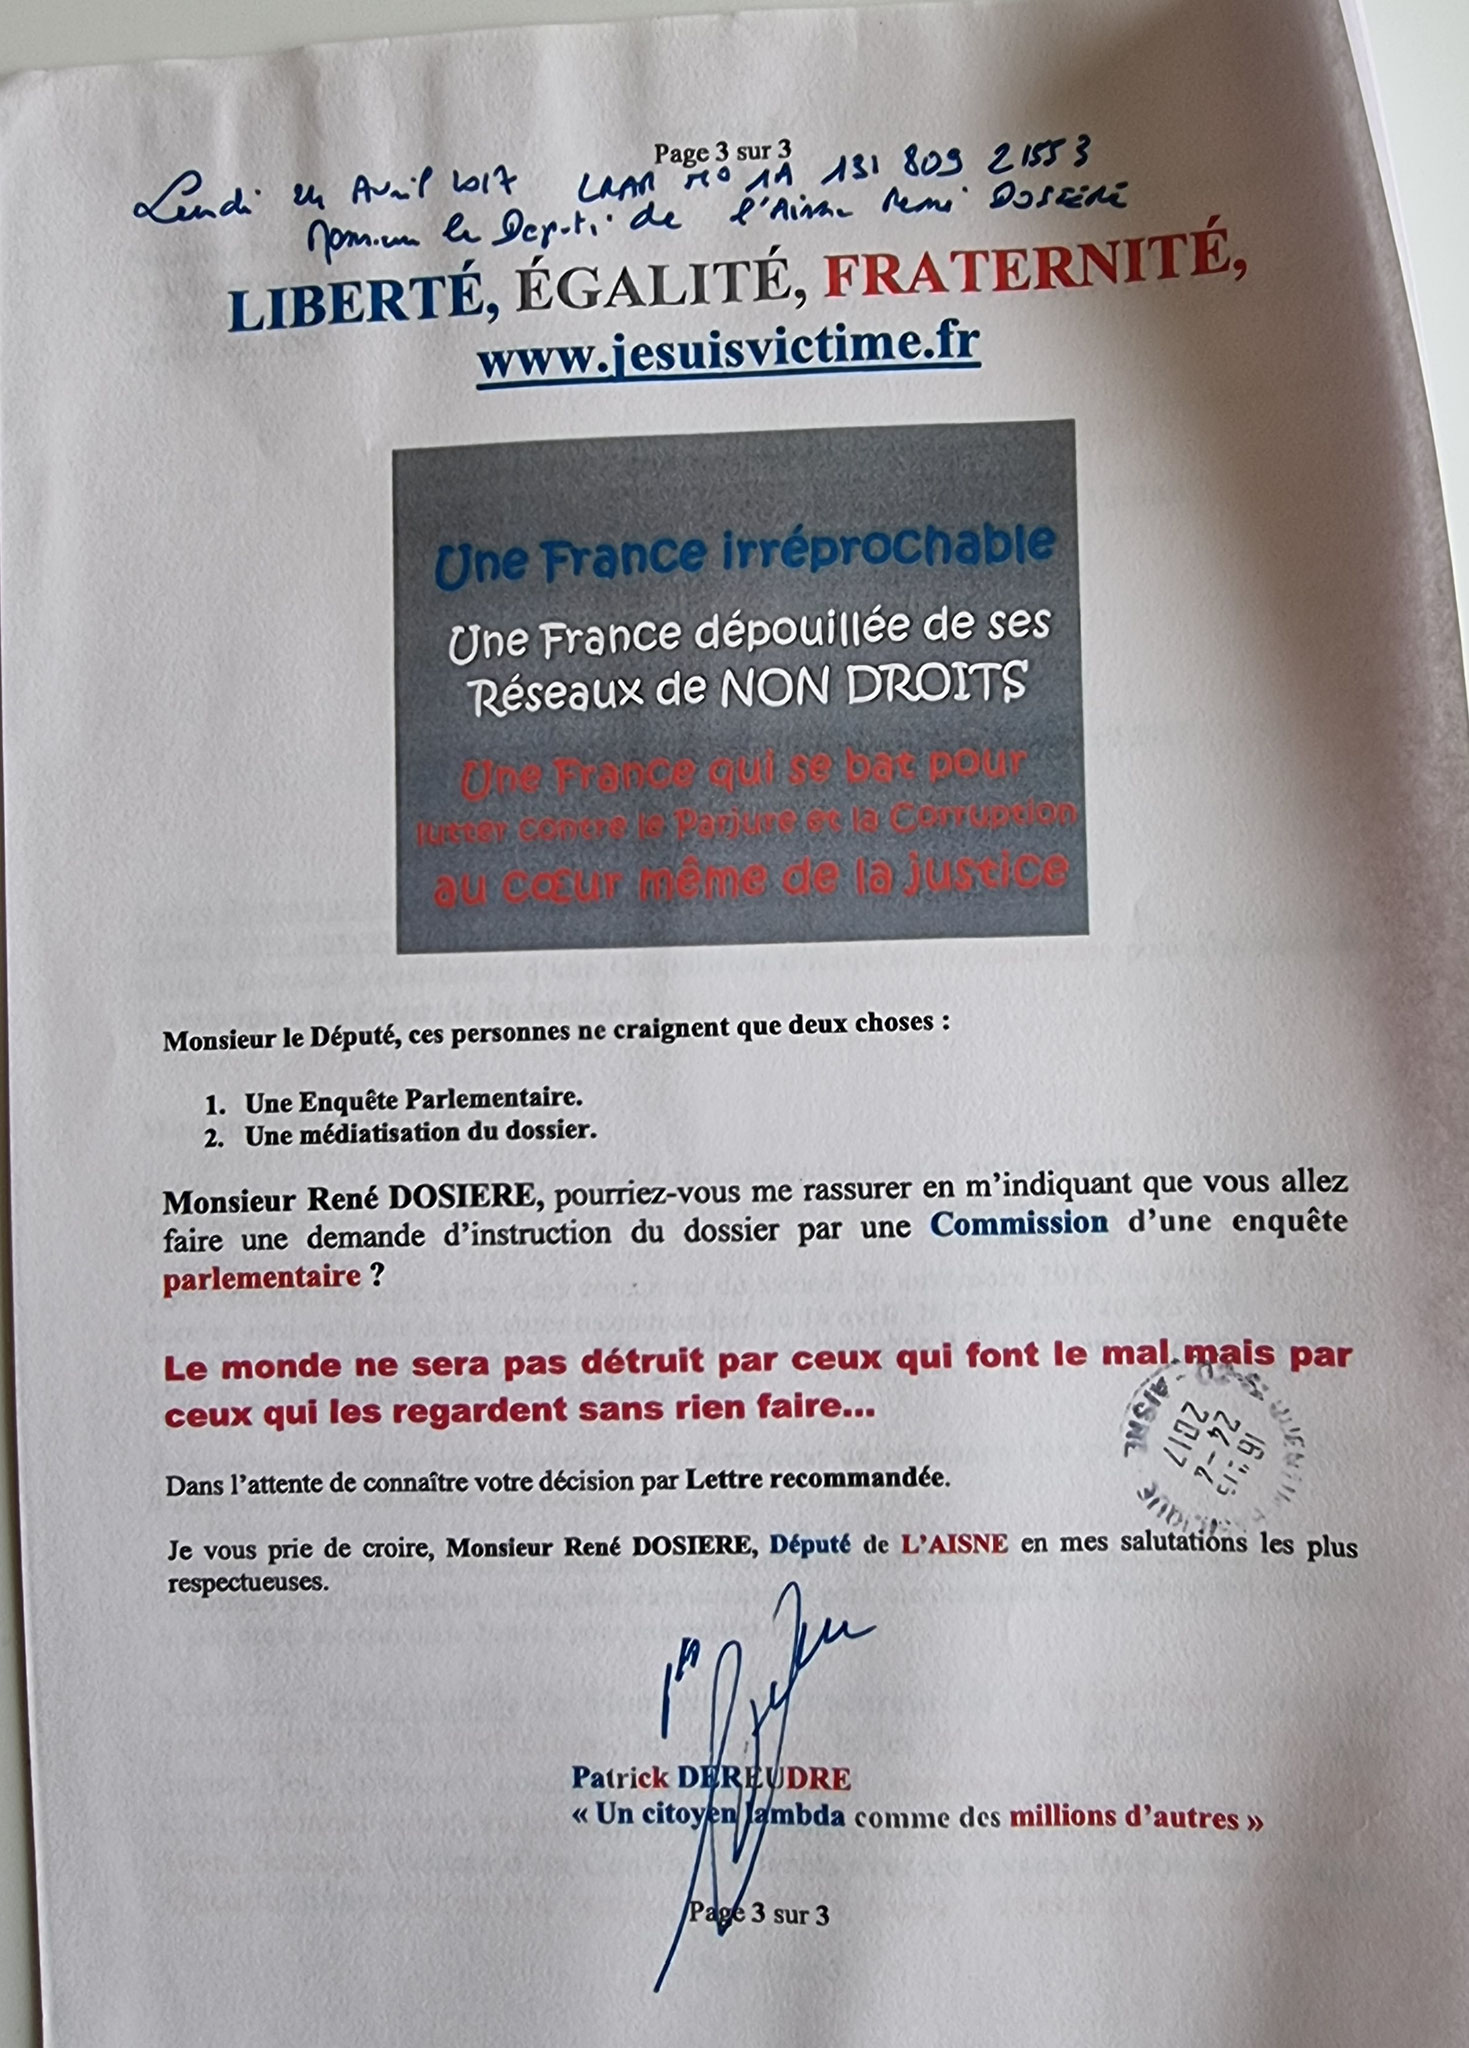 Ma lettre recommandée du 24 Avril 2017 N° 1A 131 809 2155 3 adressée à Monsieur le Député de l'Aisne à LAON (02) Monsieur René DOSIERE NON ASSISTANCE A PERSONNE EN DANGER www.jesuispatrick.fr www.jesuisvictime.fr www.jenesuispasunchien.fr